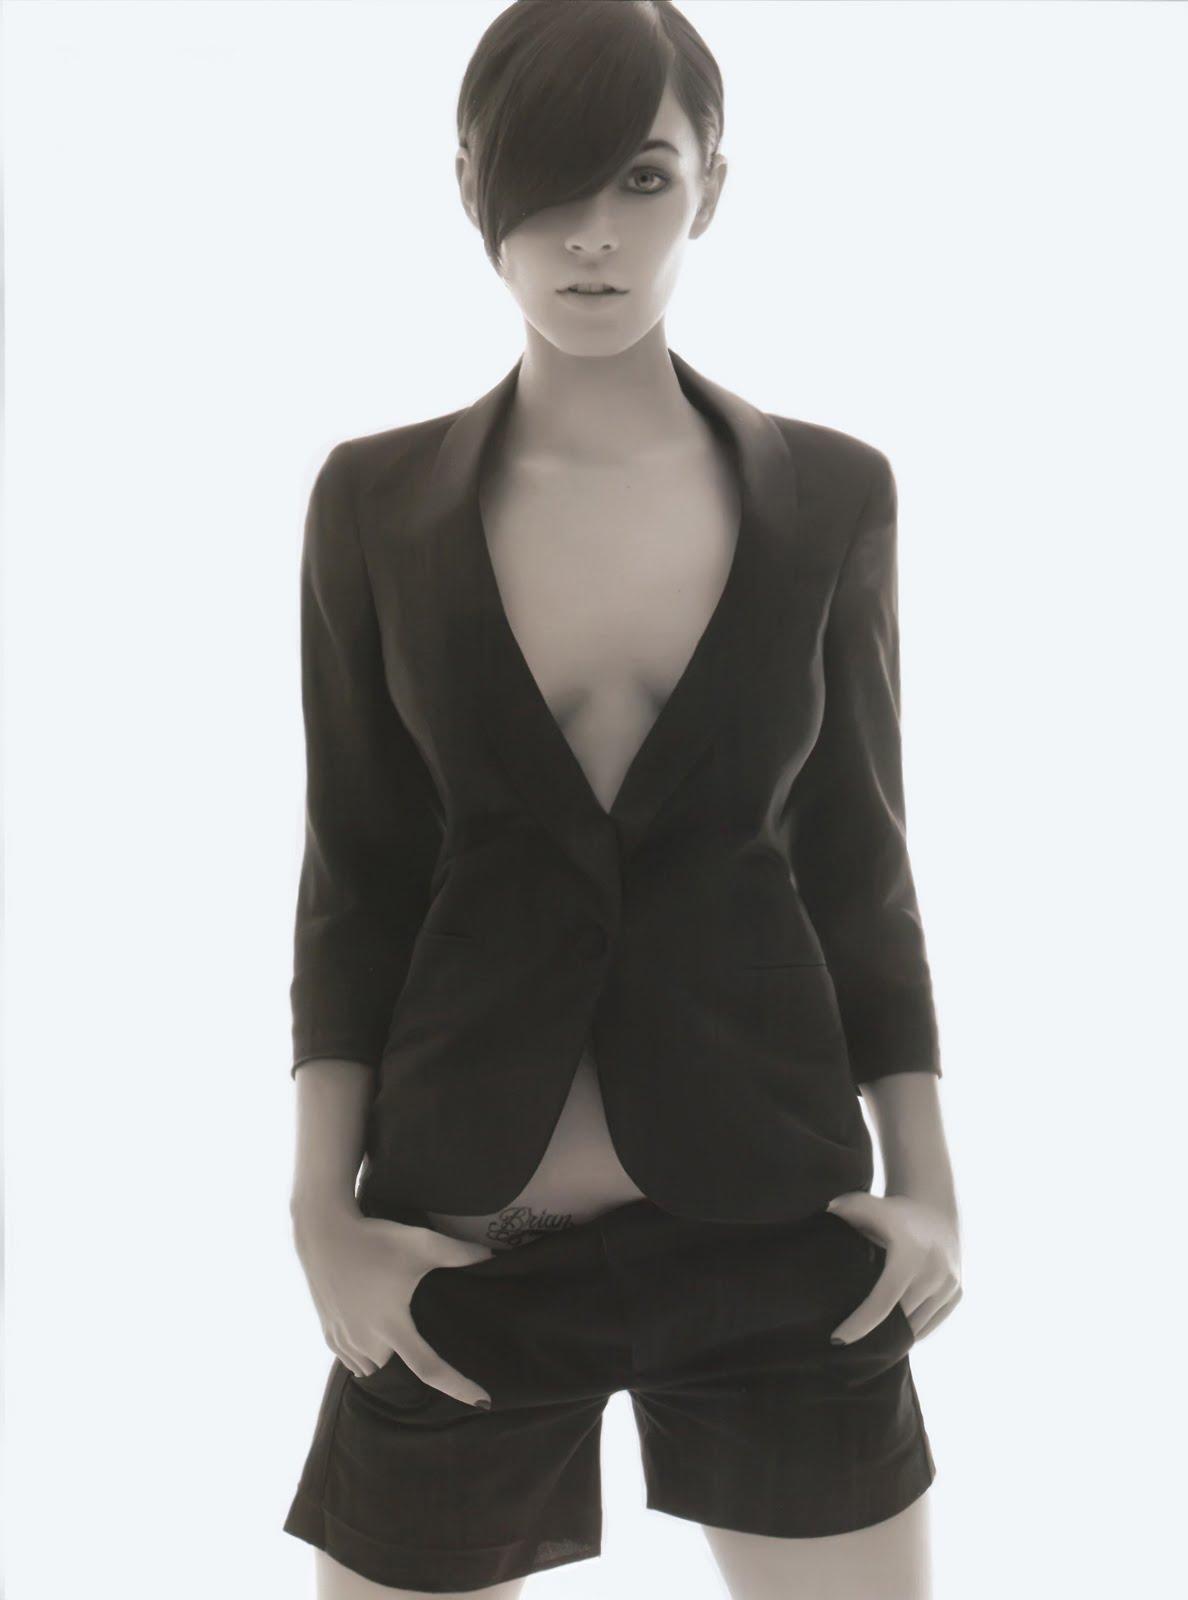 http://1.bp.blogspot.com/_Es99mwu1Xc4/S7xv6EcqvlI/AAAAAAAAJFA/x8jT1KtiSlw/s1600/Megan-fox-allure-magazine6.jpg